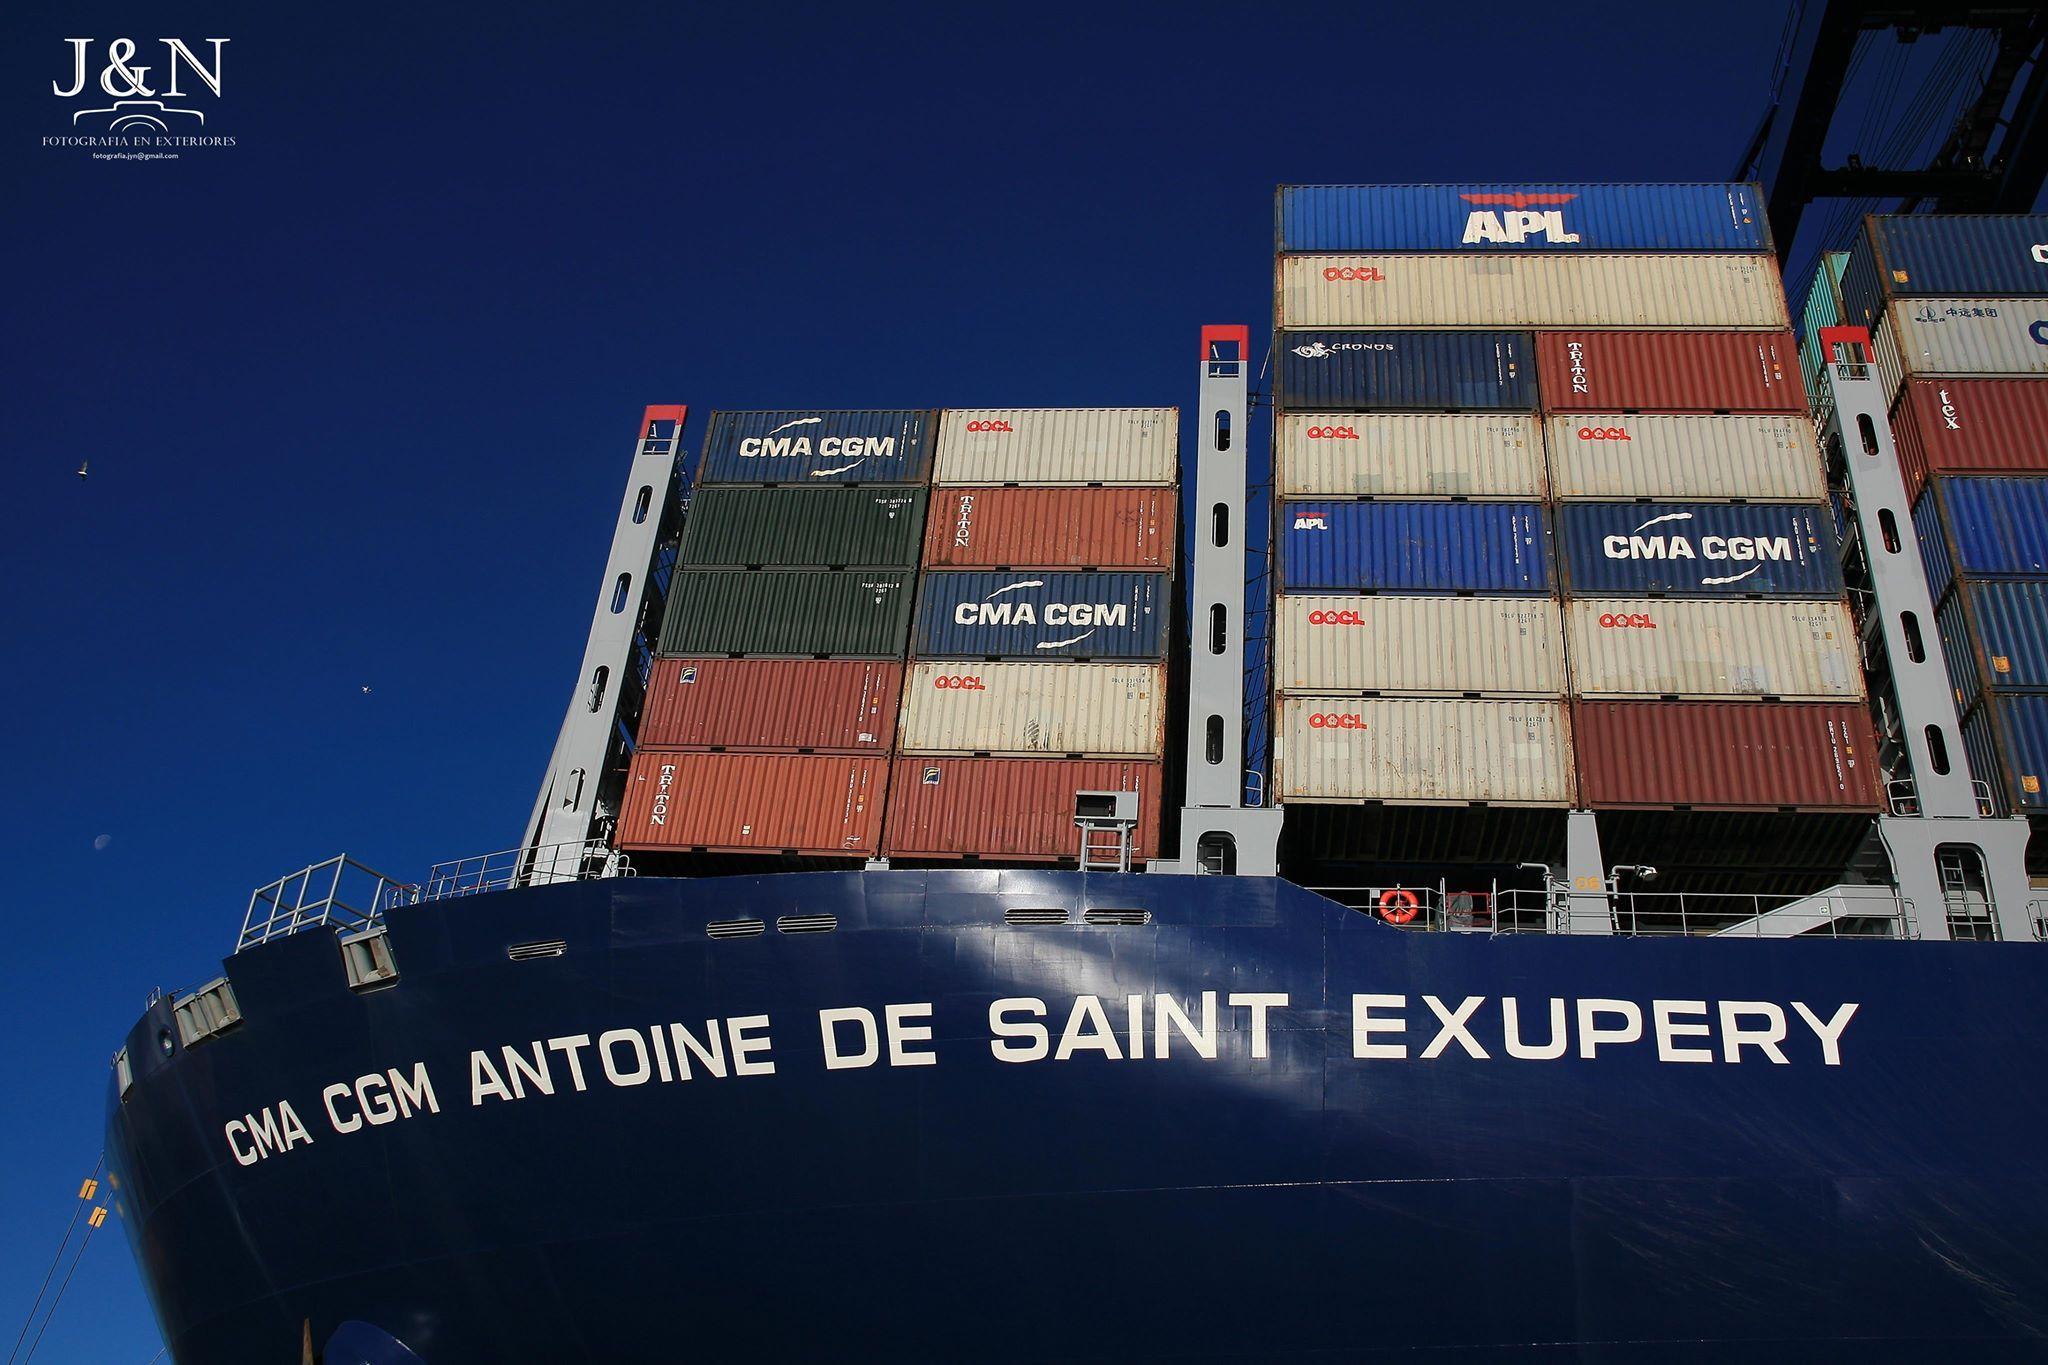 El buque rinde homenaje a la figura del escritor y aviador francés